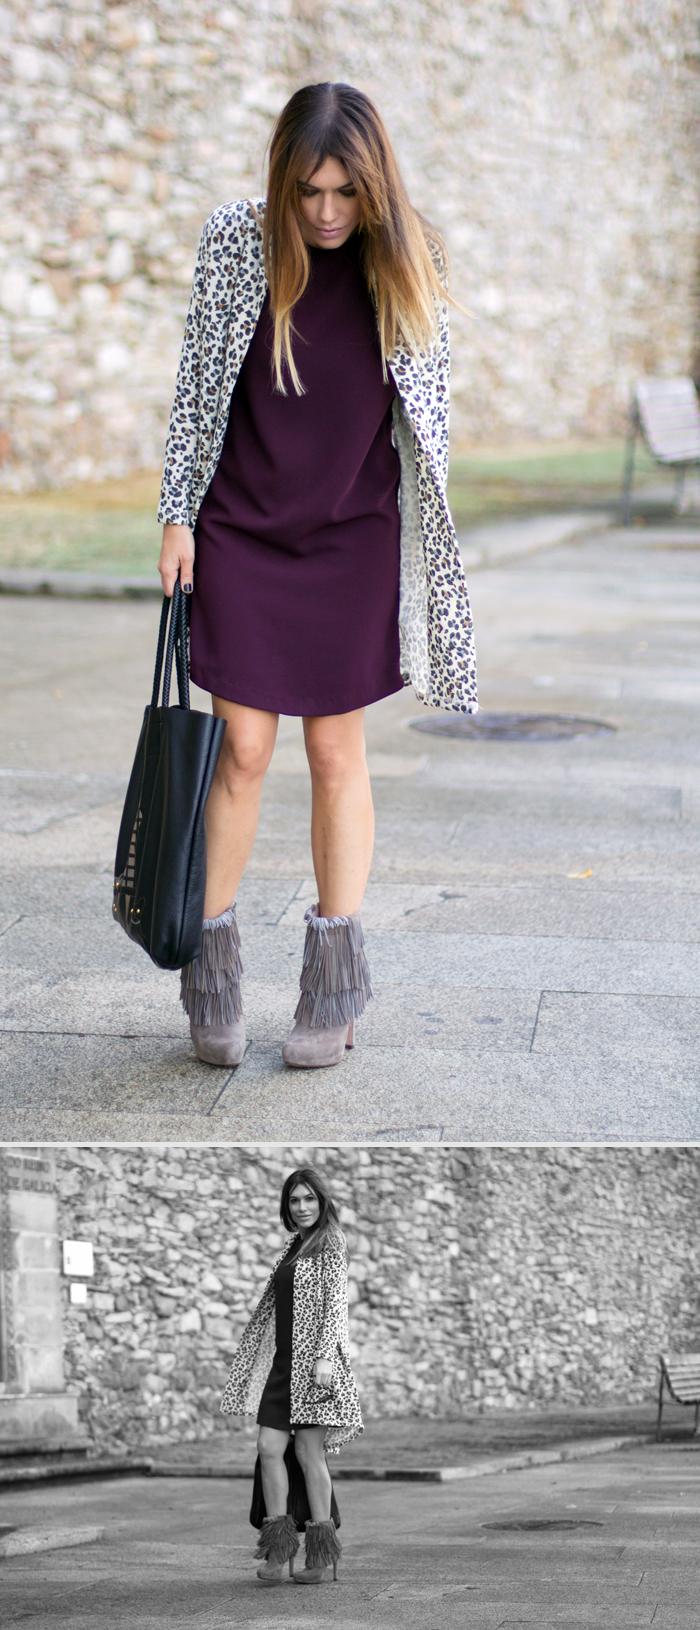 street style barbara crespo a coruña fashion bloggers ecomo fashion blog galicia outfit